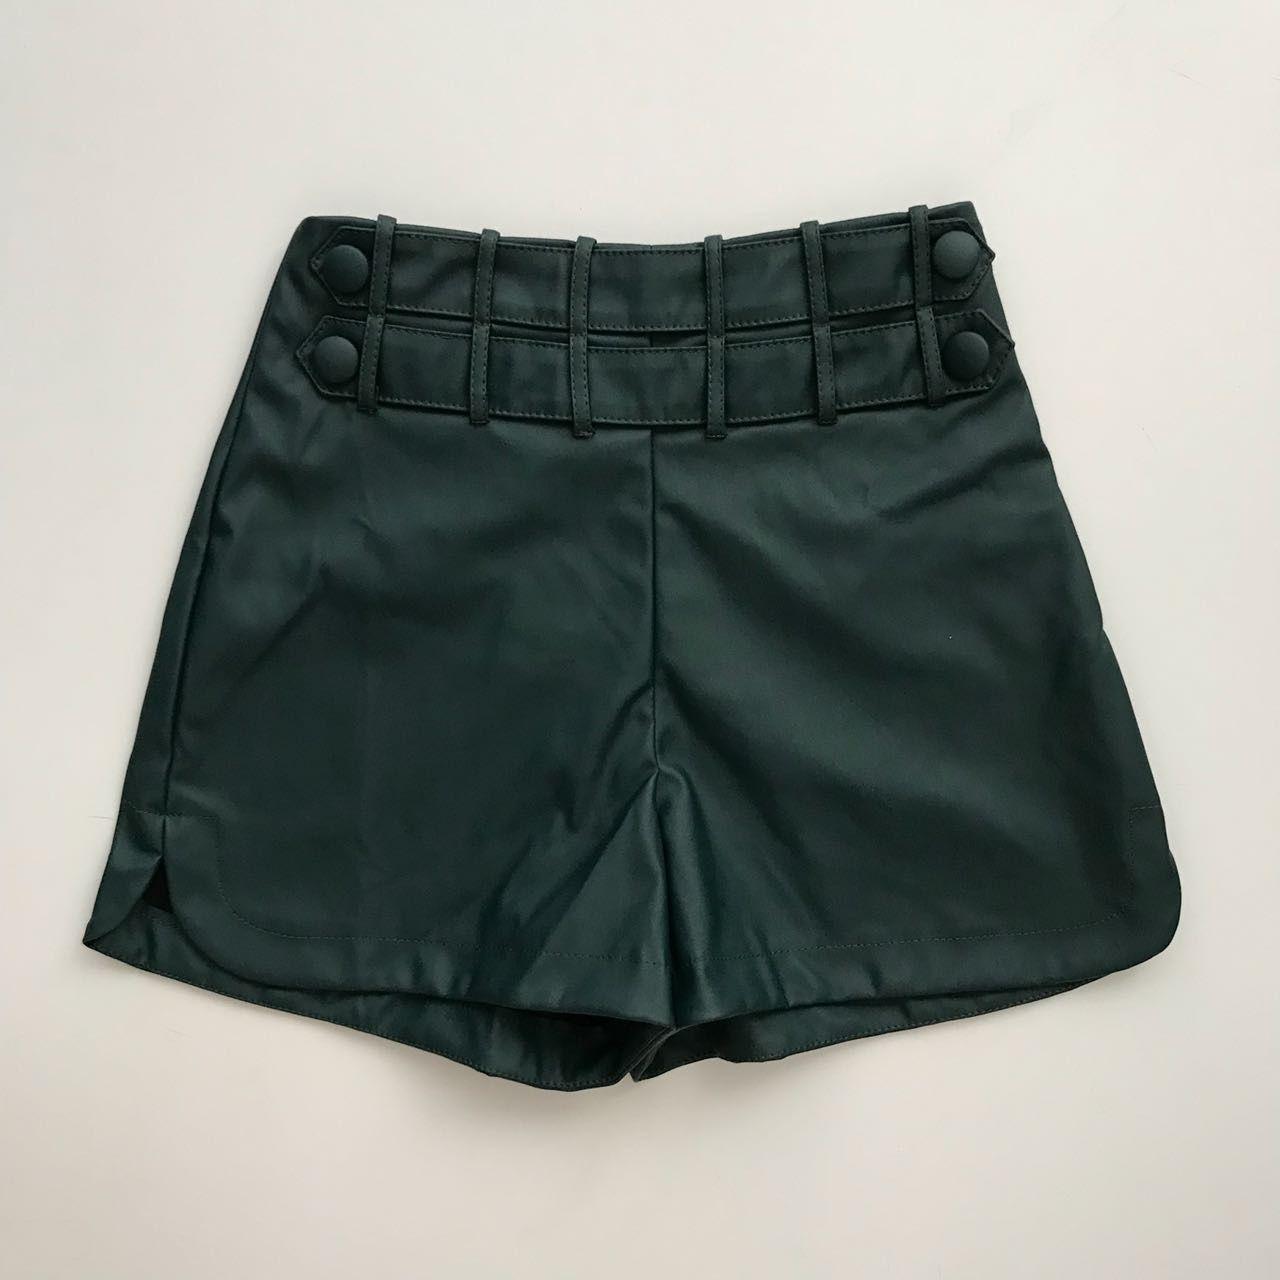 Shorts Couro Eco Detalhe Cós